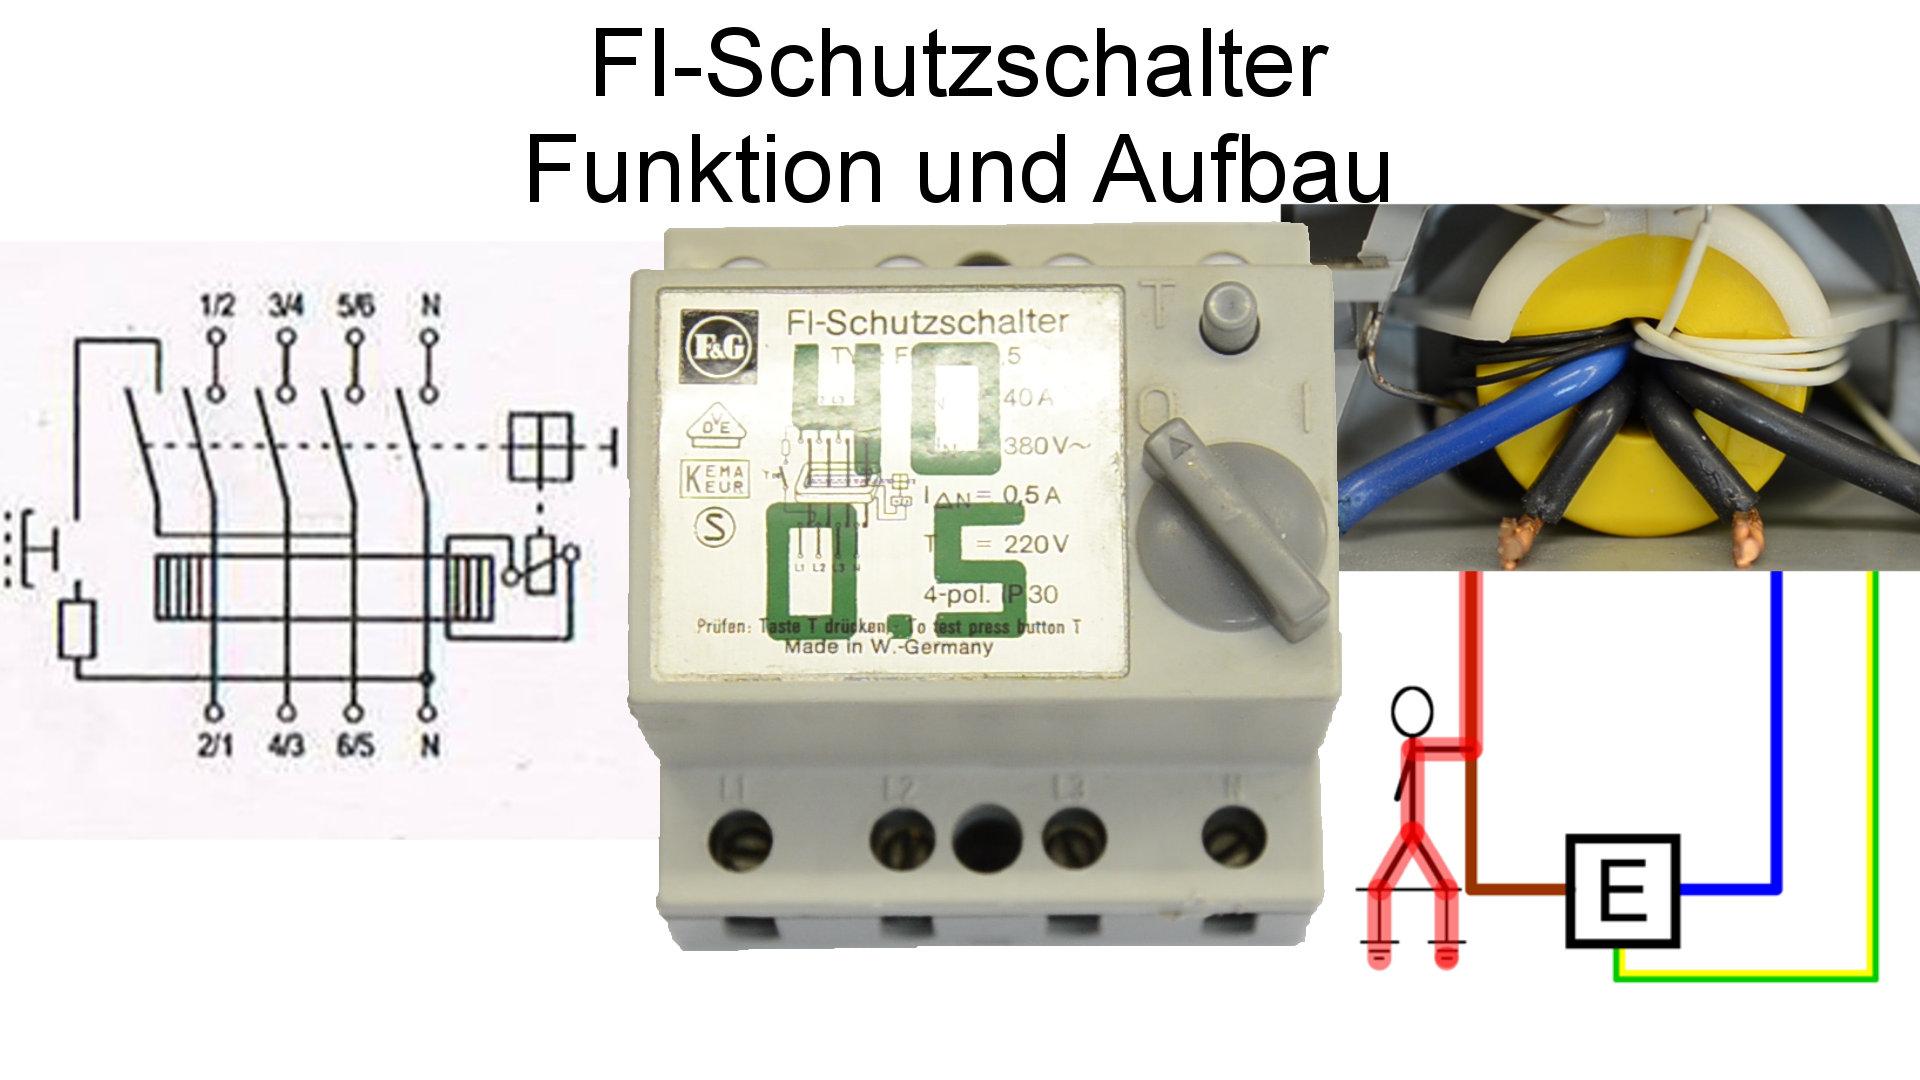 FI-Schutzschalter Funktion und Aufbau